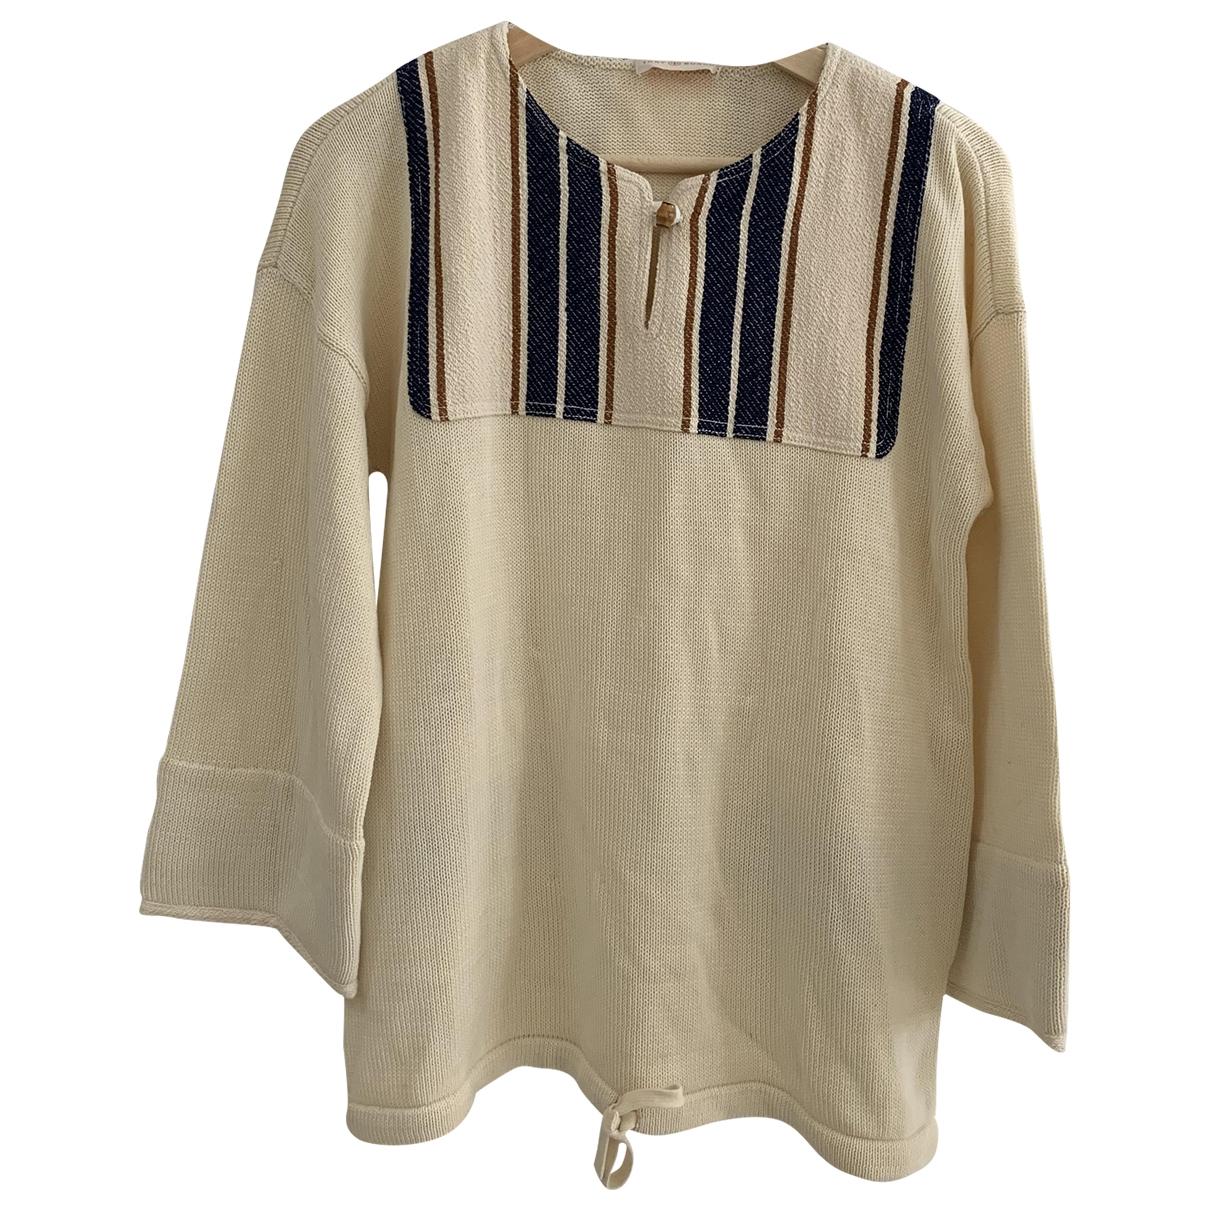 Tory Burch \N Beige Knitwear for Women S International